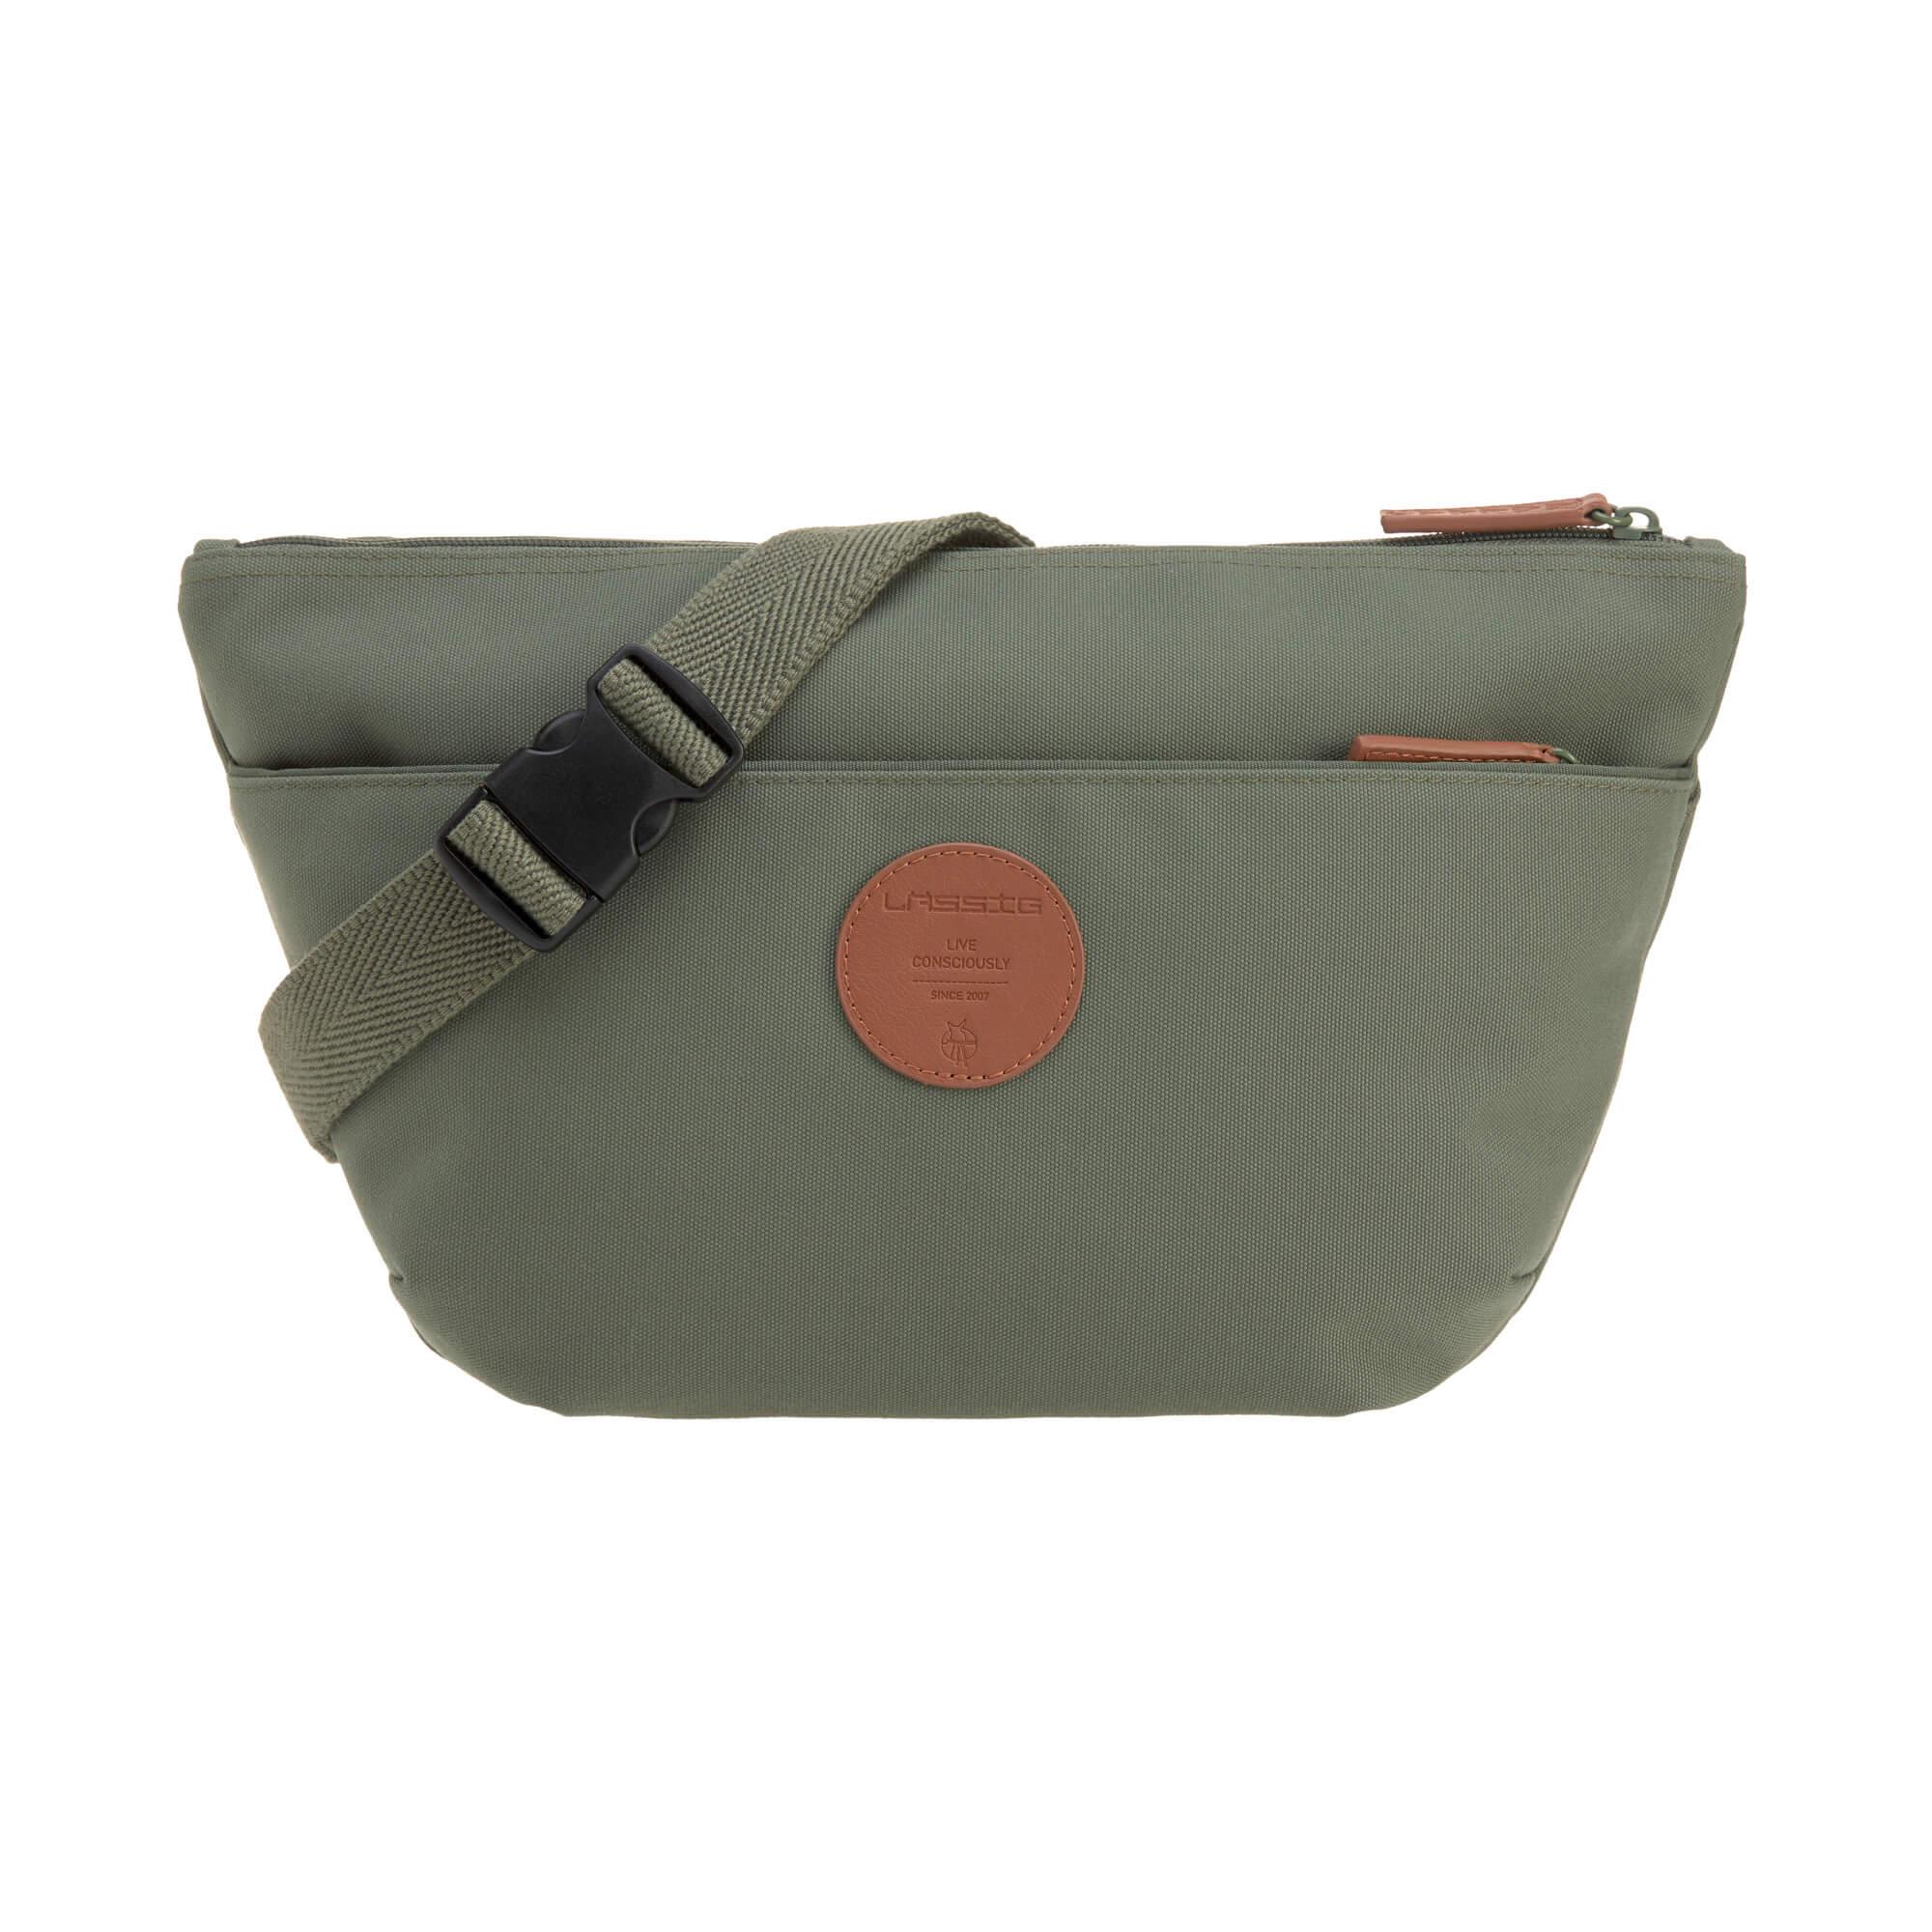 Lässig Kinderwagentasche Buggy Bum Bag Adventure